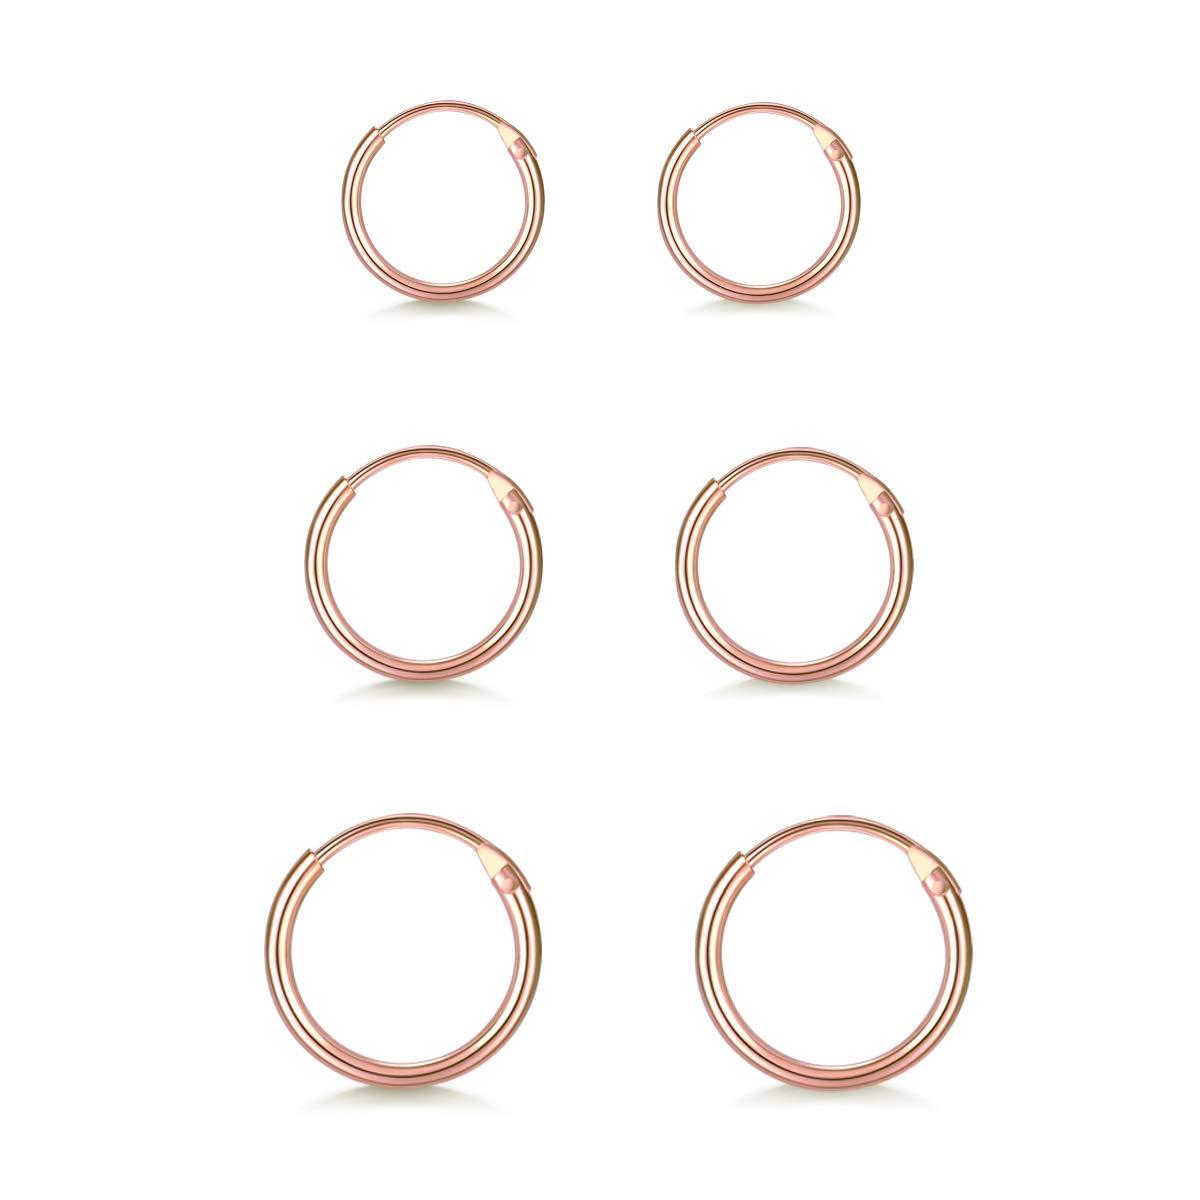 Eyebrow ring,rook earring,bestfriend gift,girlfriend earring